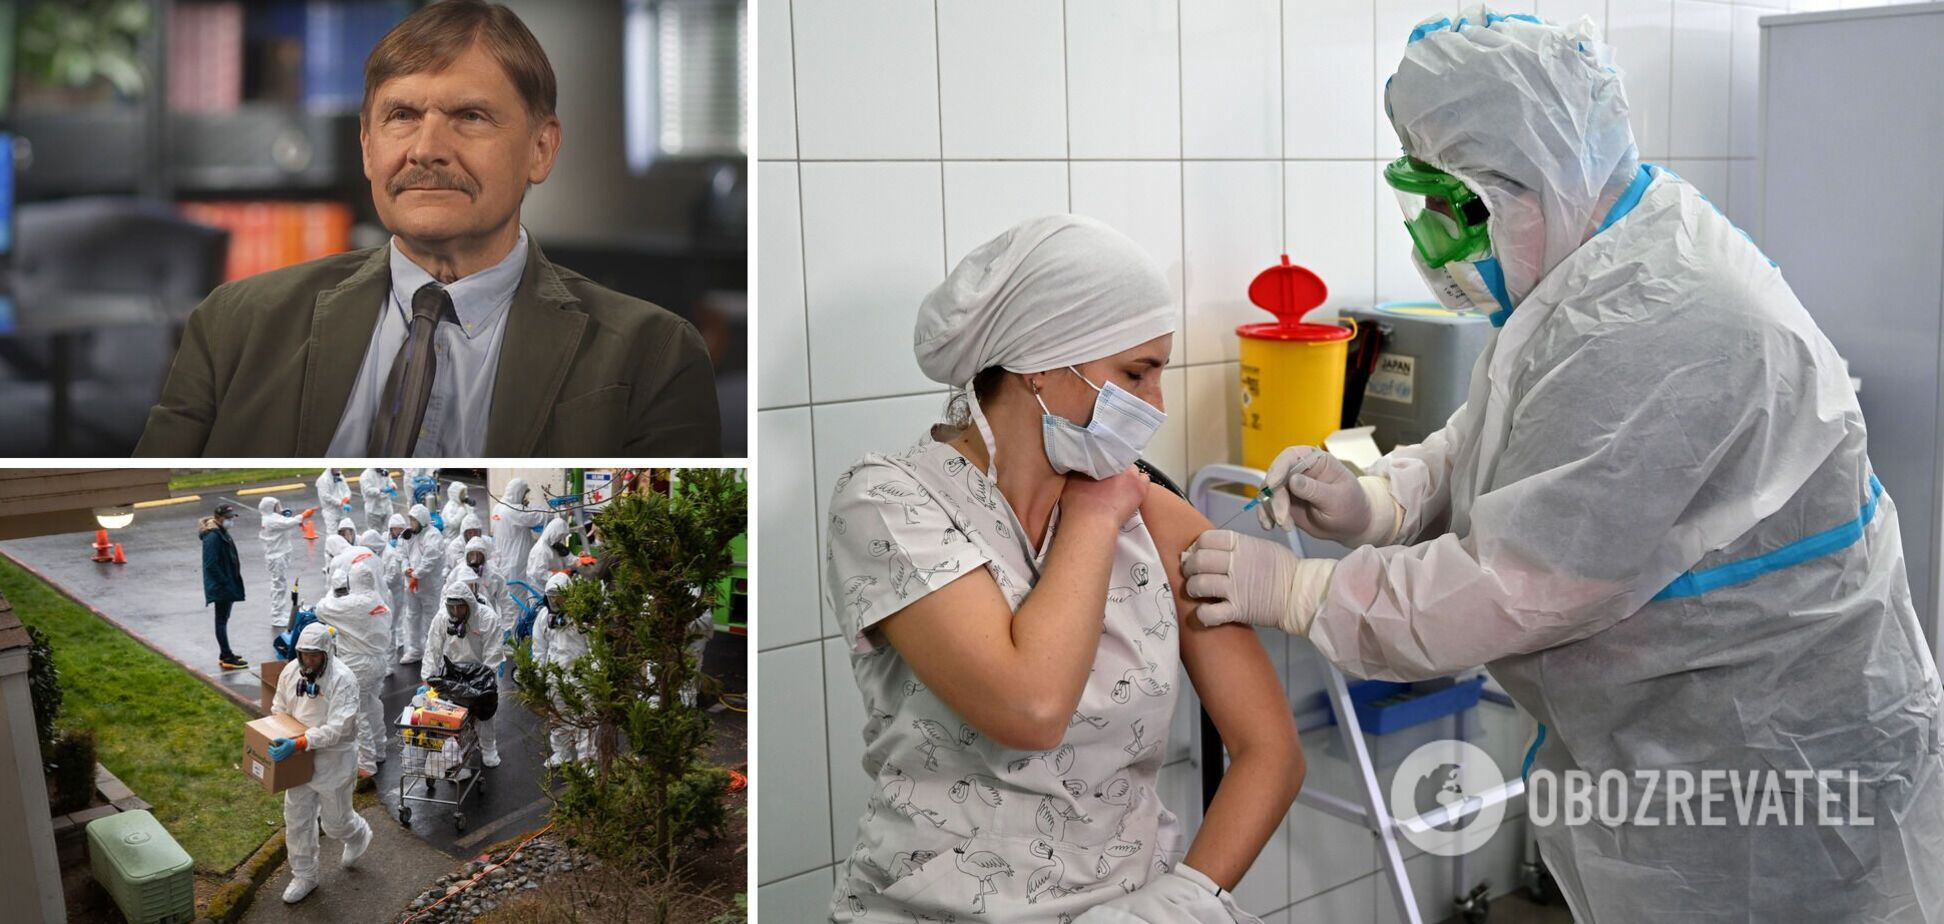 Советник ВОЗ рассказал о вакцинации против коронавируса и пандемии в мире